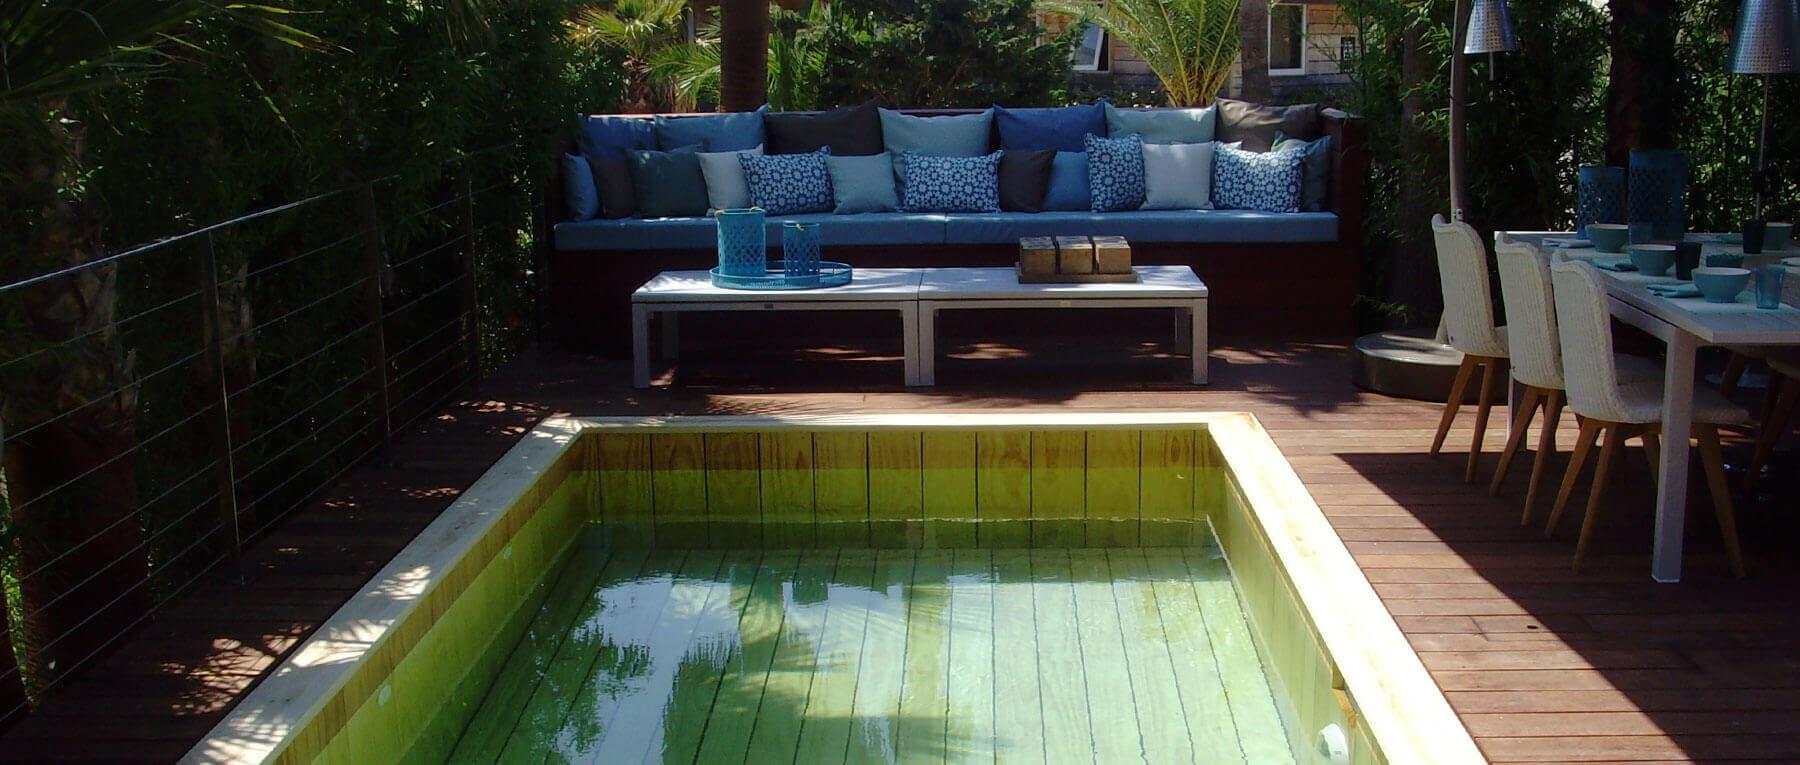 Fabricant Piscine Et Jacuzzi Spa Sur Mesure 100% Bois À ... encequiconcerne Table De Jardin En Bois Avec Banc Integre